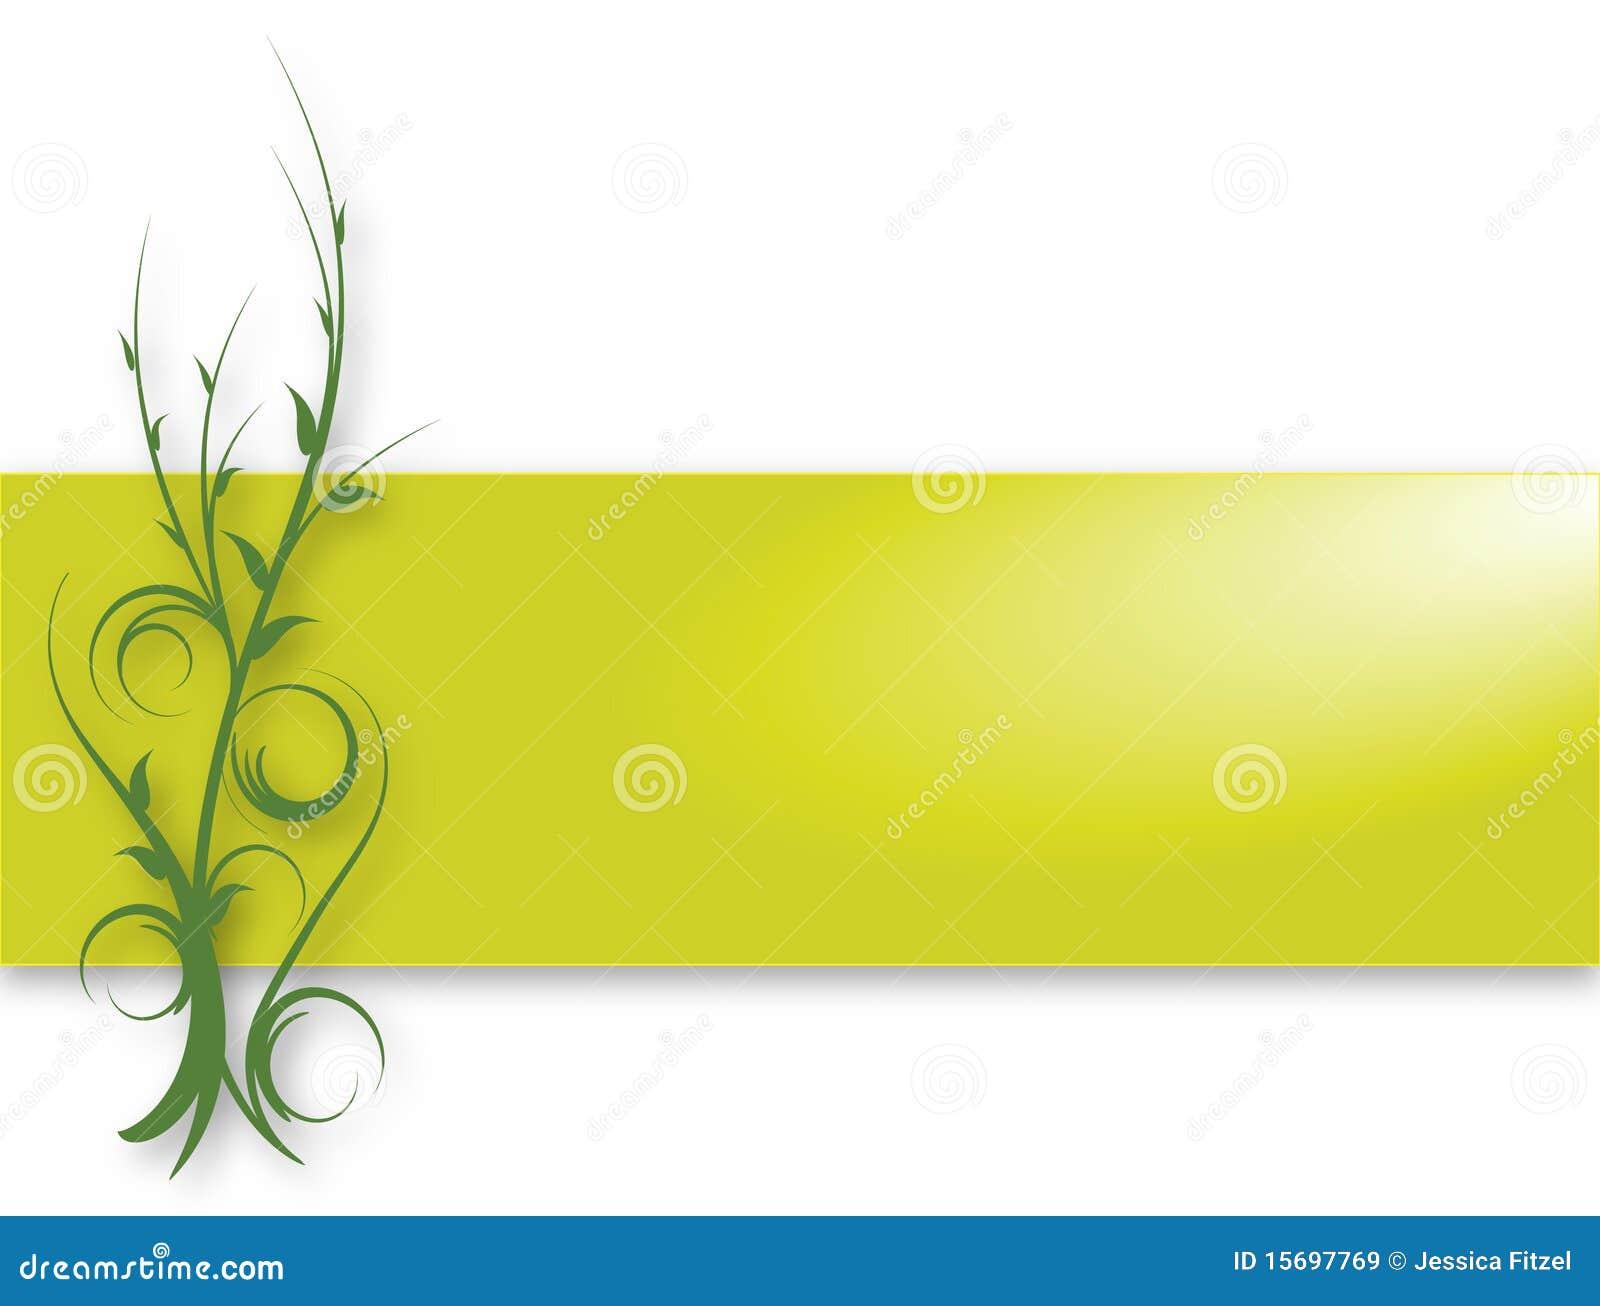 Green Vine Banner